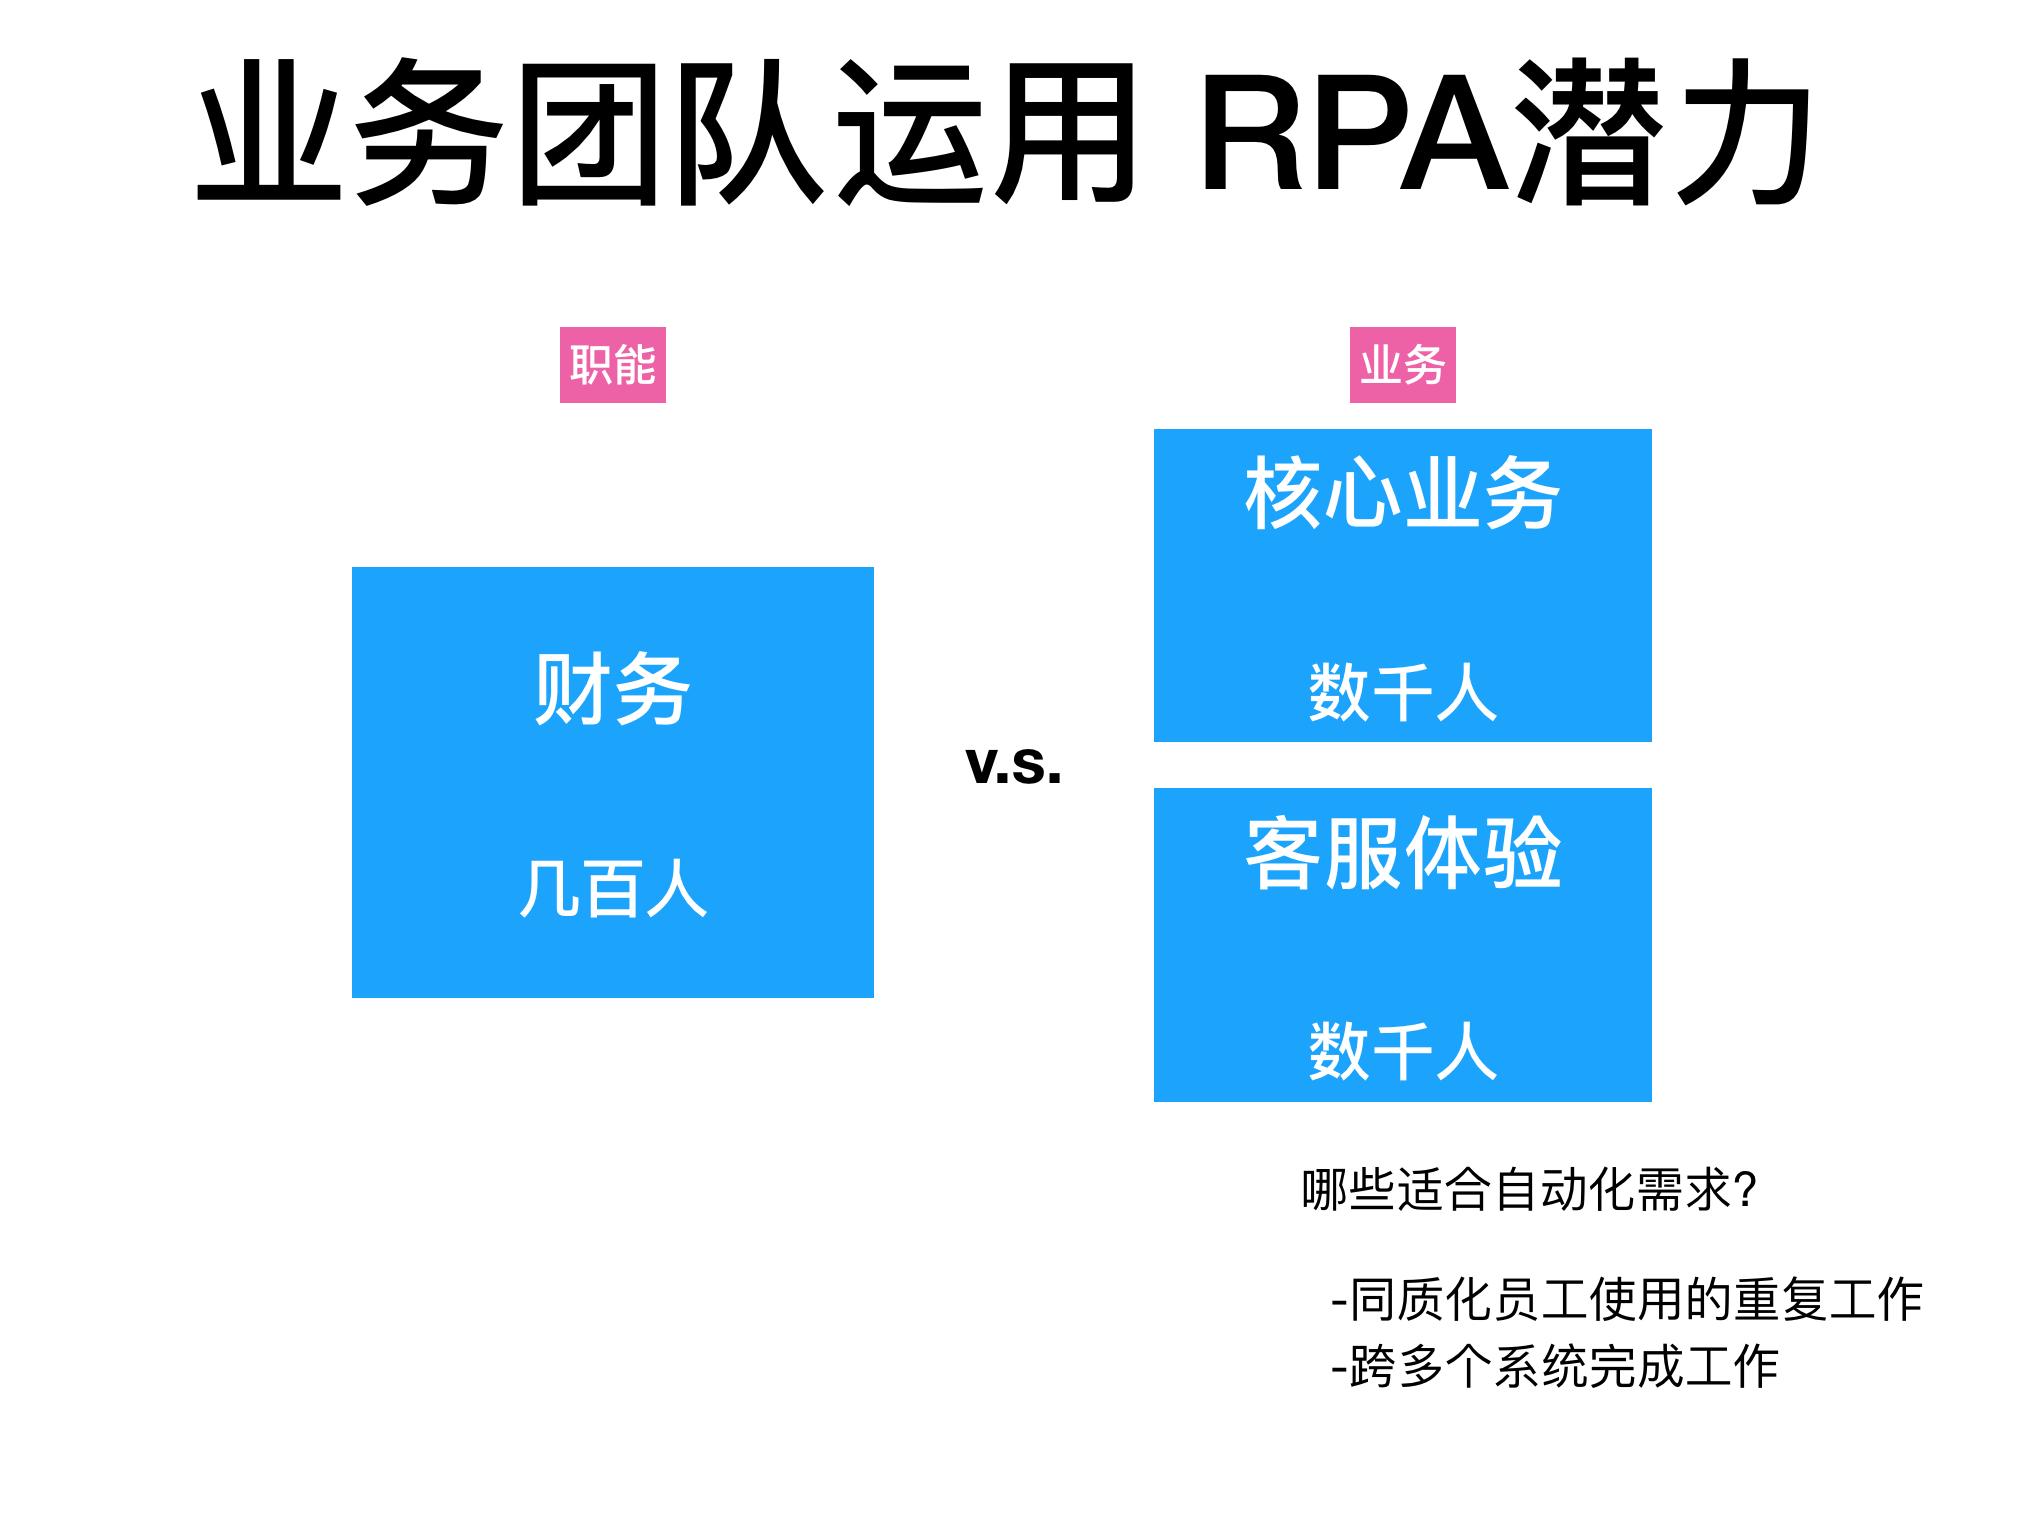 RPA(虚拟员工)在互联网公司的应用插图(4)